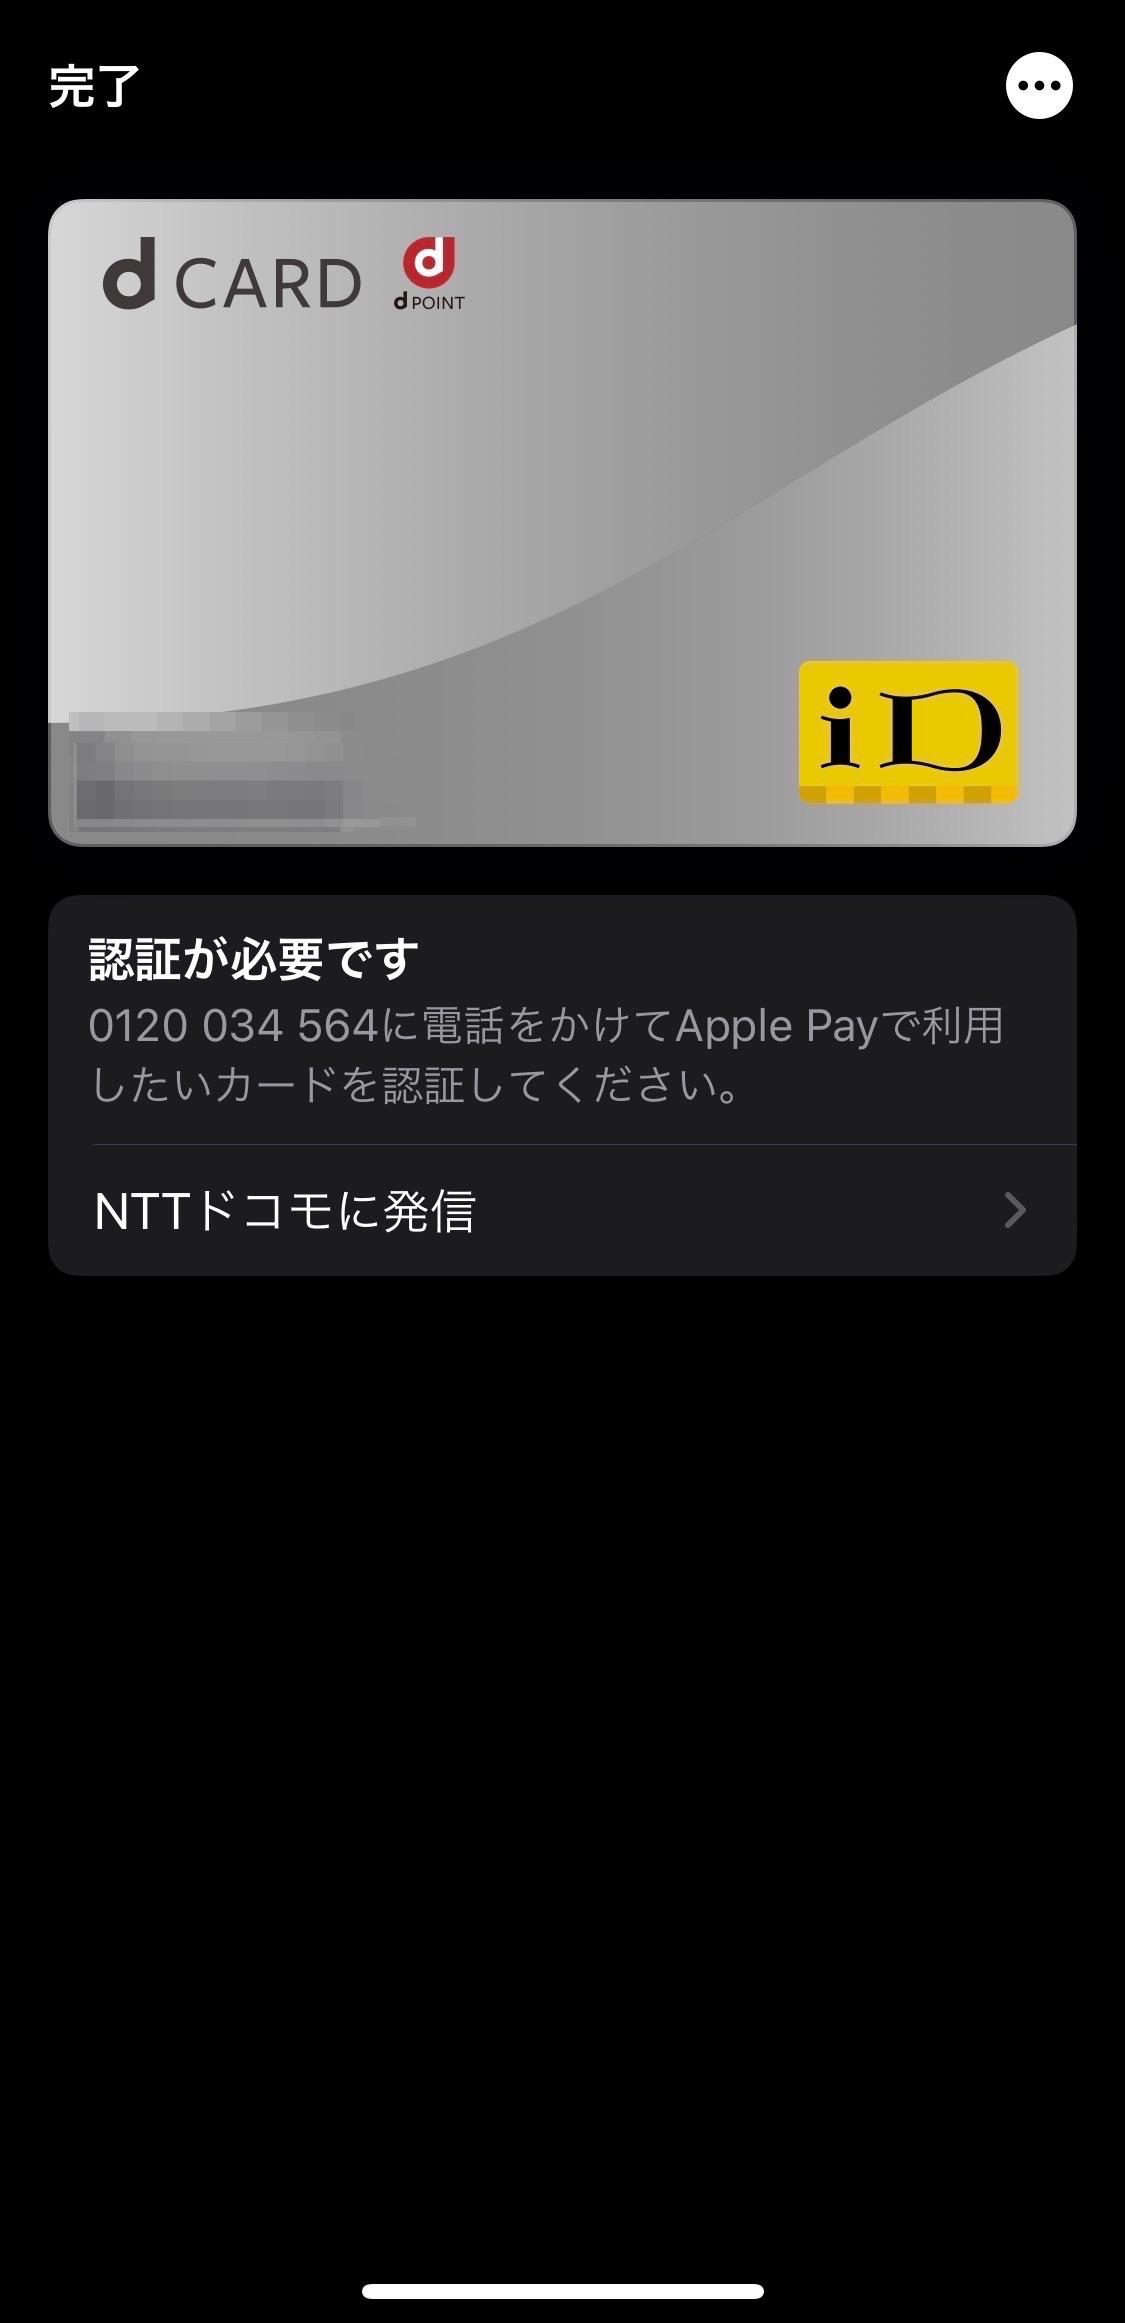 クレジットカードのdカードをApple Payに登録する方法